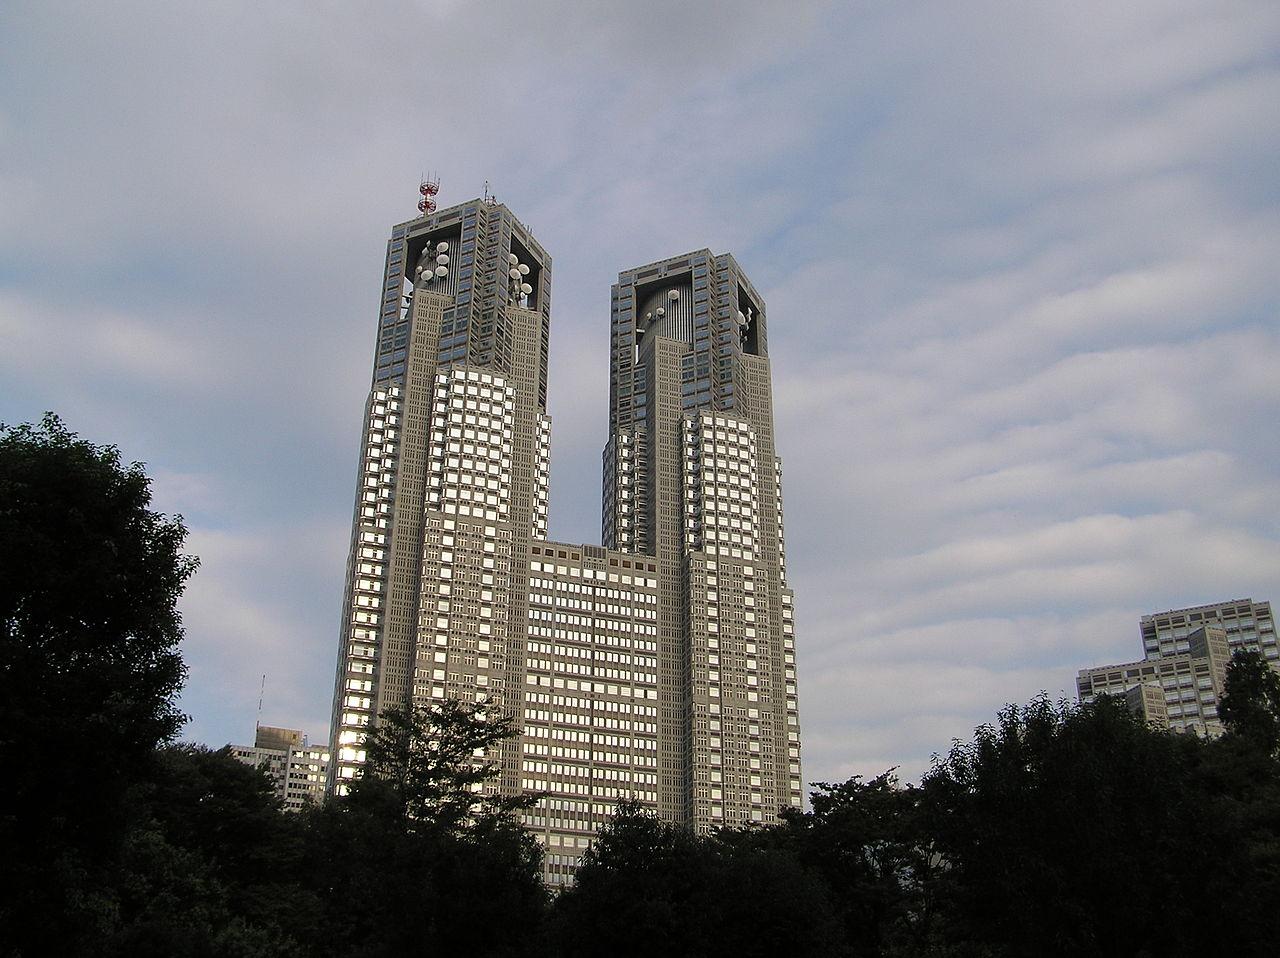 tokyo_metropolitan_government_building_no1_2_tocho_5_october_2003.jpg